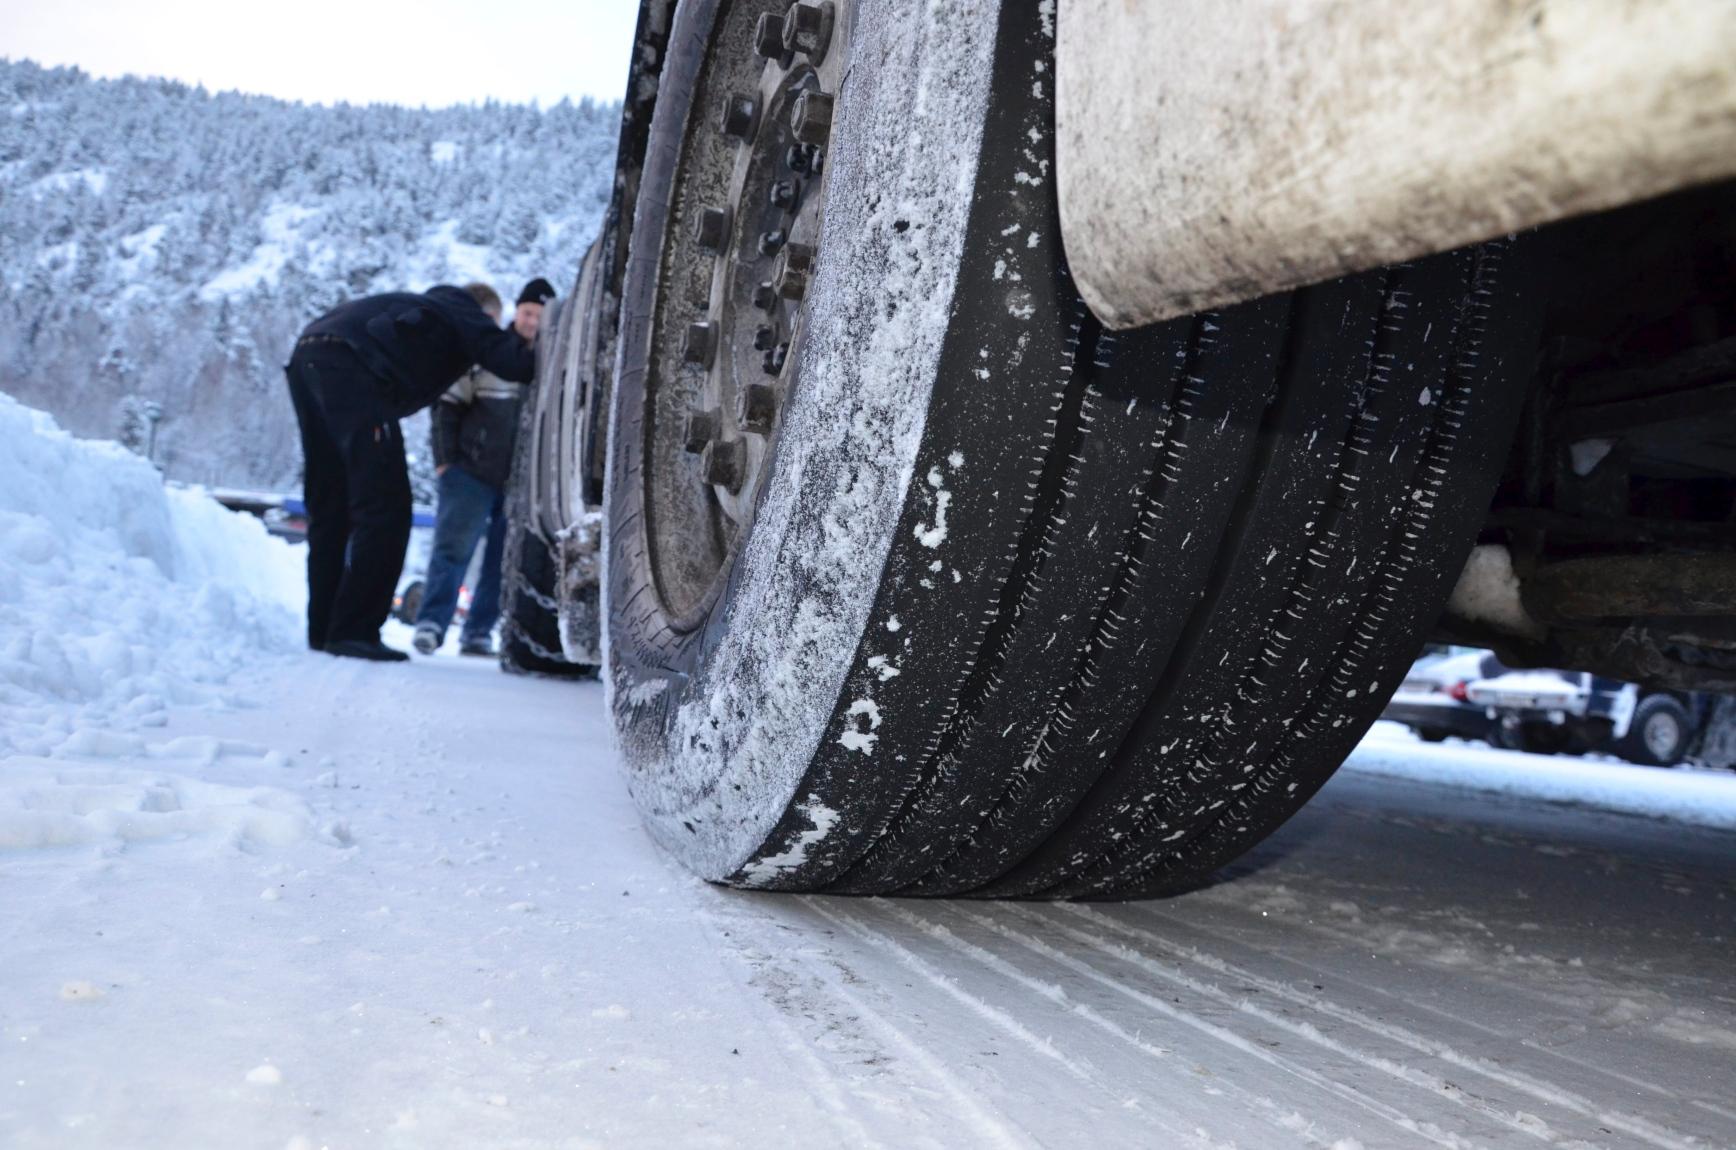 Den slovakiske sjåføren dro til vinter-Norge med sommerdekk på forhjulene og slitte helårsdekk på trekkakslingen.